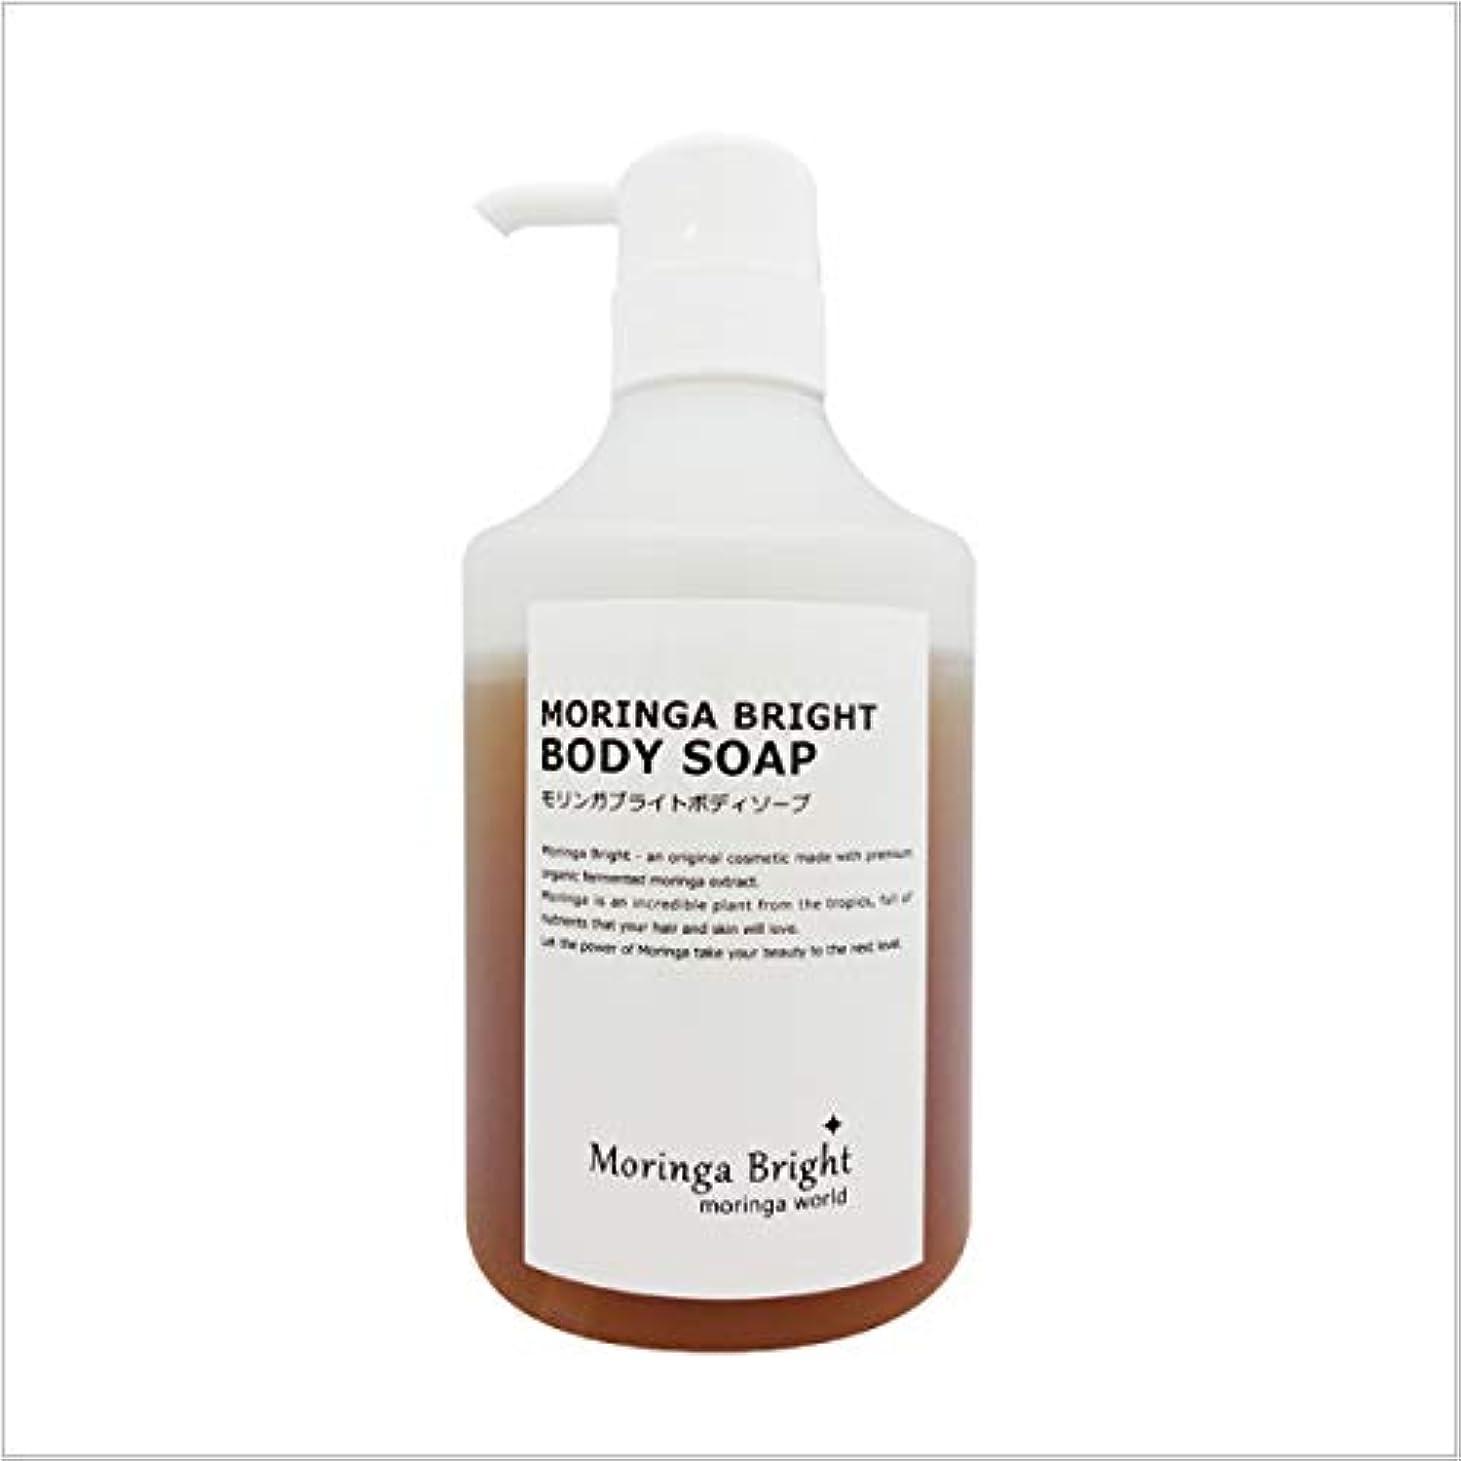 ヒープヘクタールローマ人モリンガブライトボディソープ450ml 最上級の無添加ボディ&洗顔ソープ 国内初の保湿美容成分『発酵モリンガエキス』配合